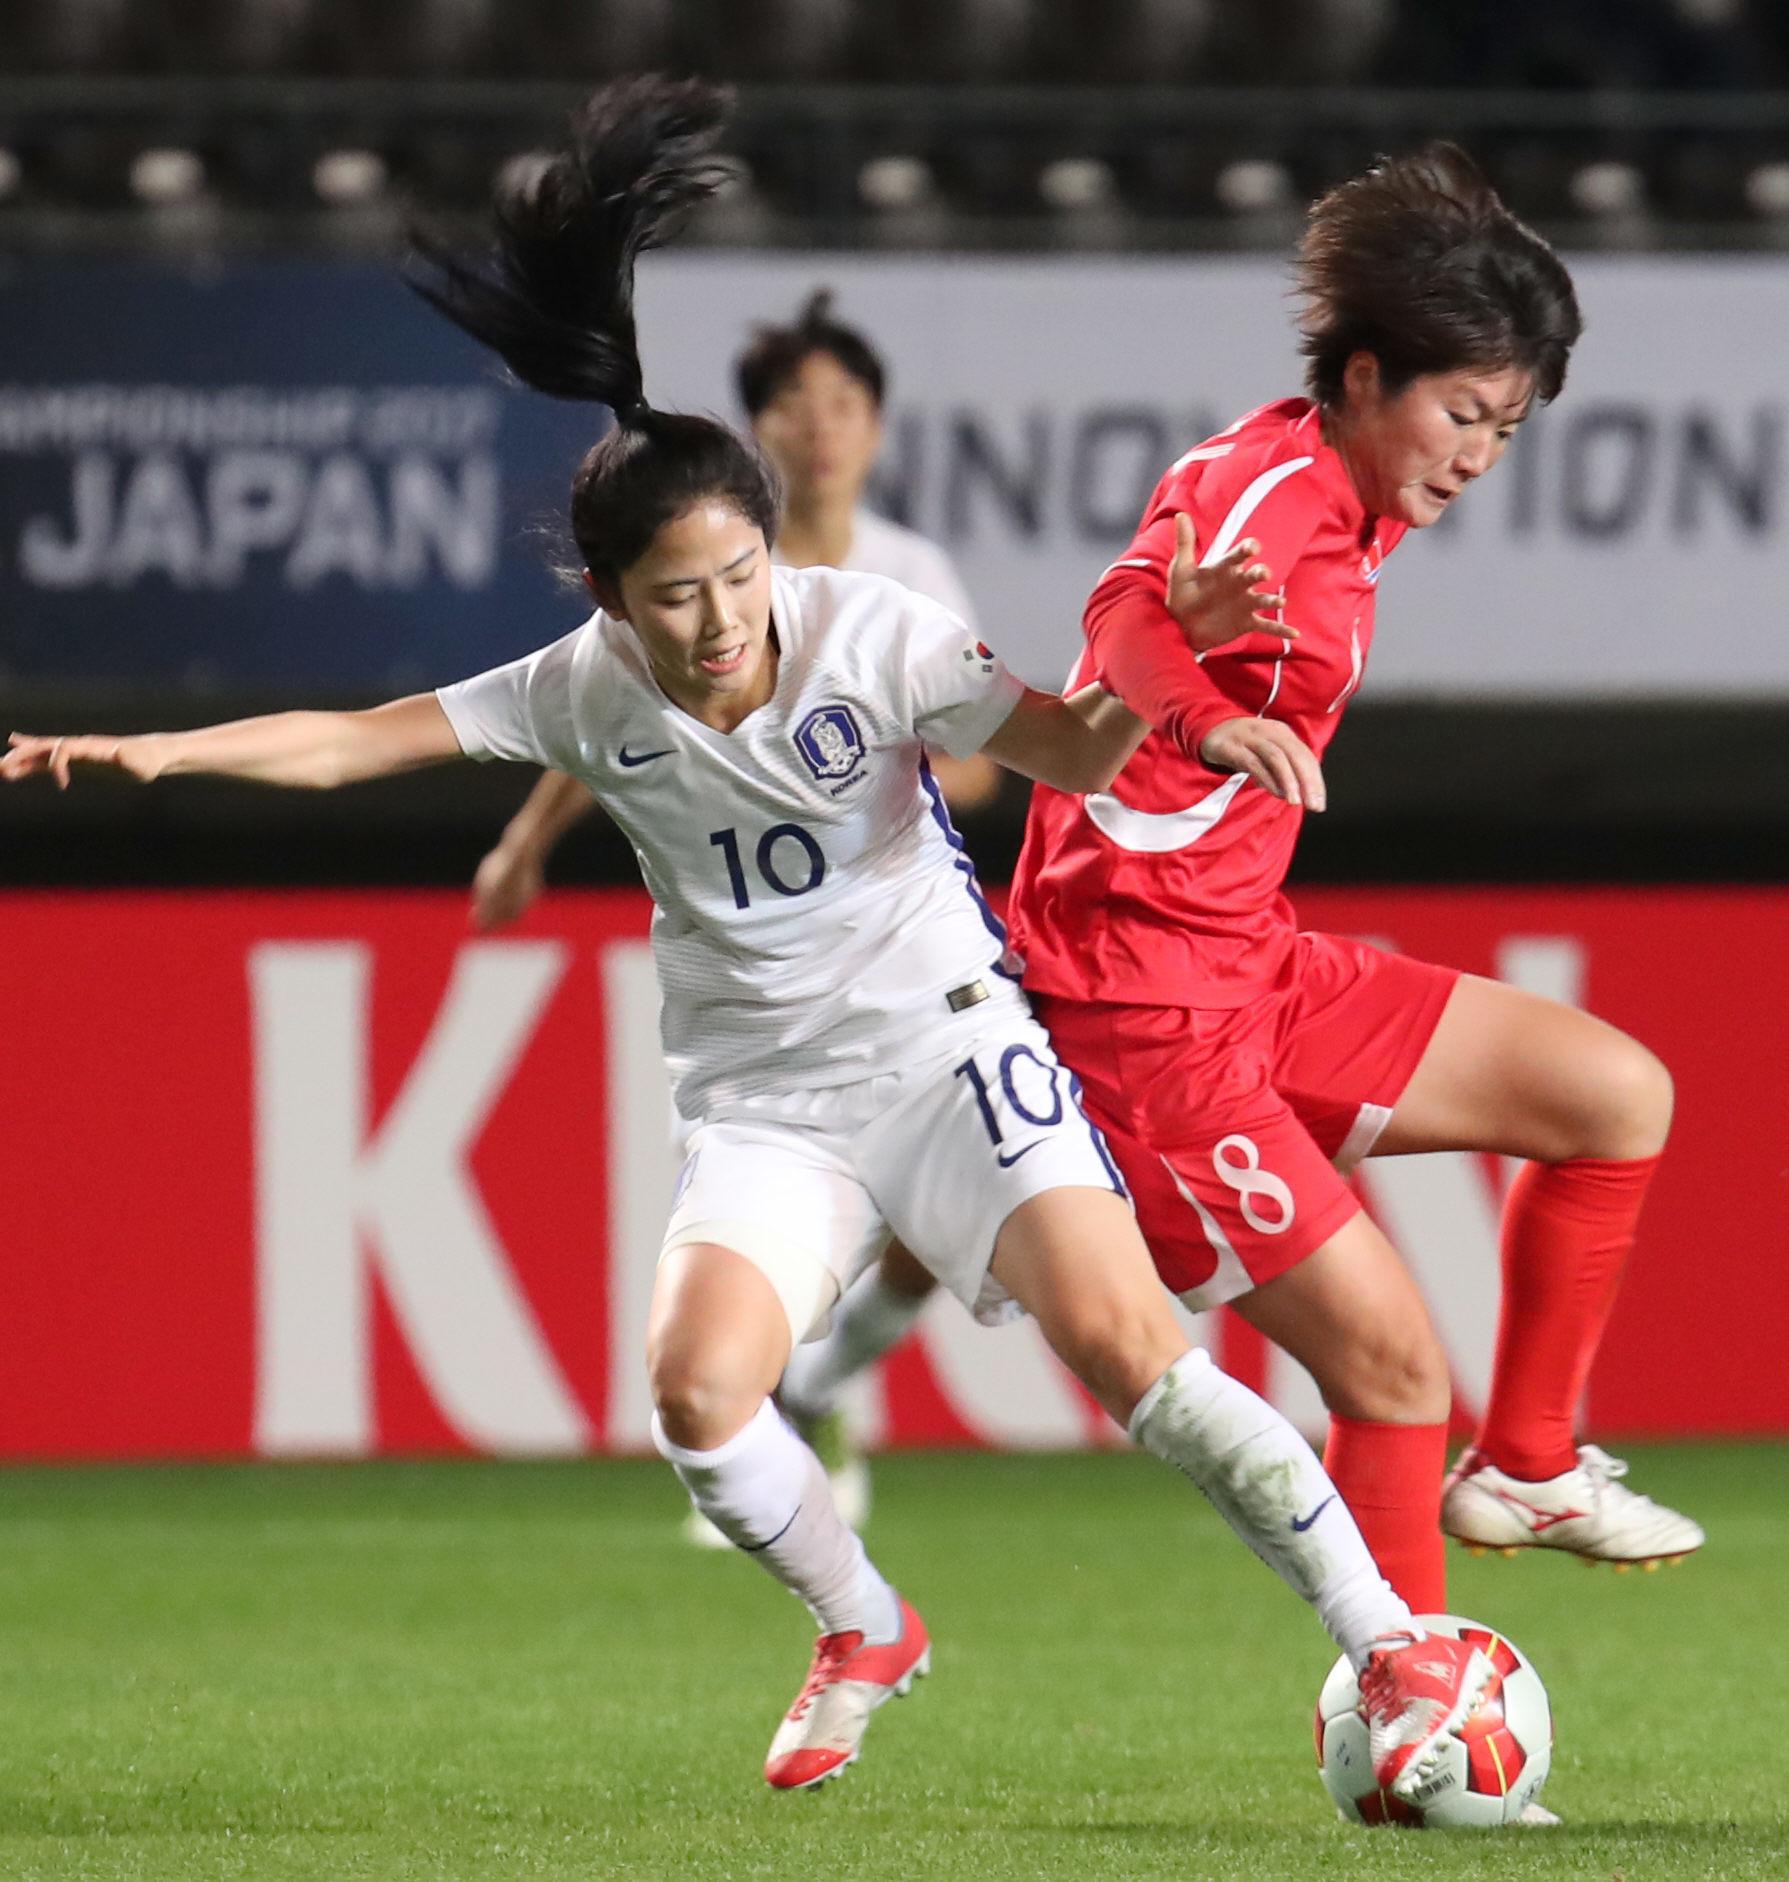 2017년 12월11일 일본에서 열린 동아시안컵 경기에서 한국 이민아와 북한 유정임이 볼다툼을 하고 있다. [연합뉴스]